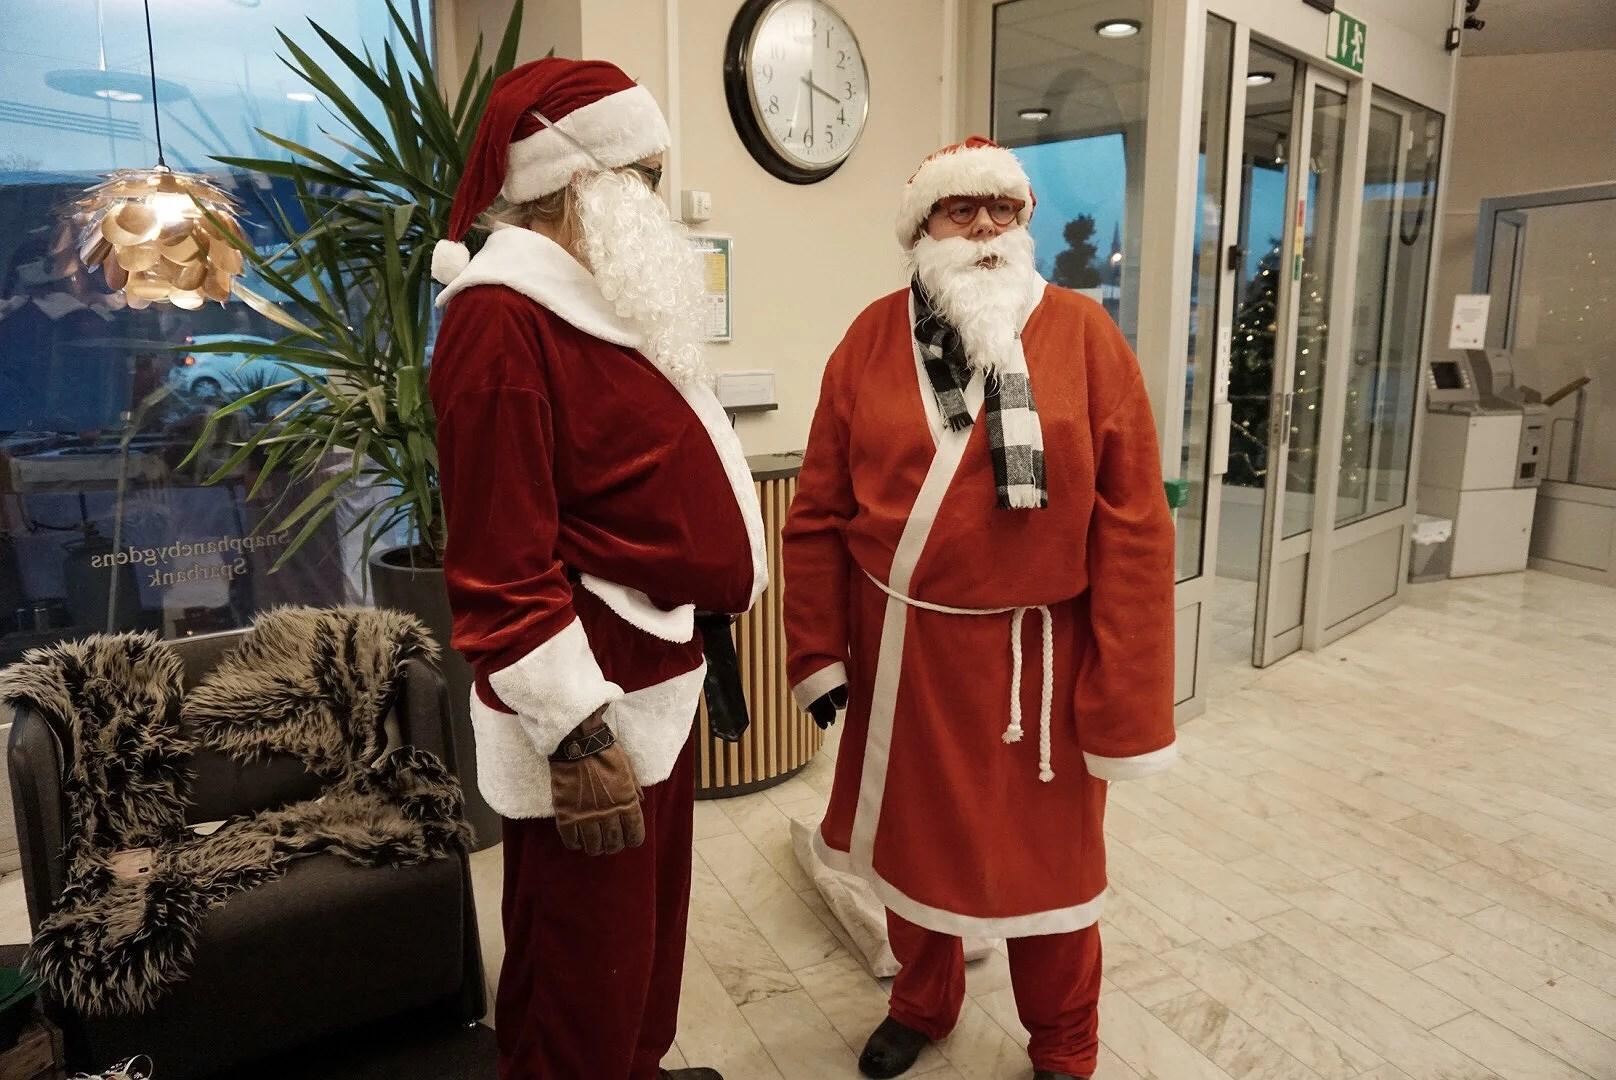 Julskyltning i Bjärnum!